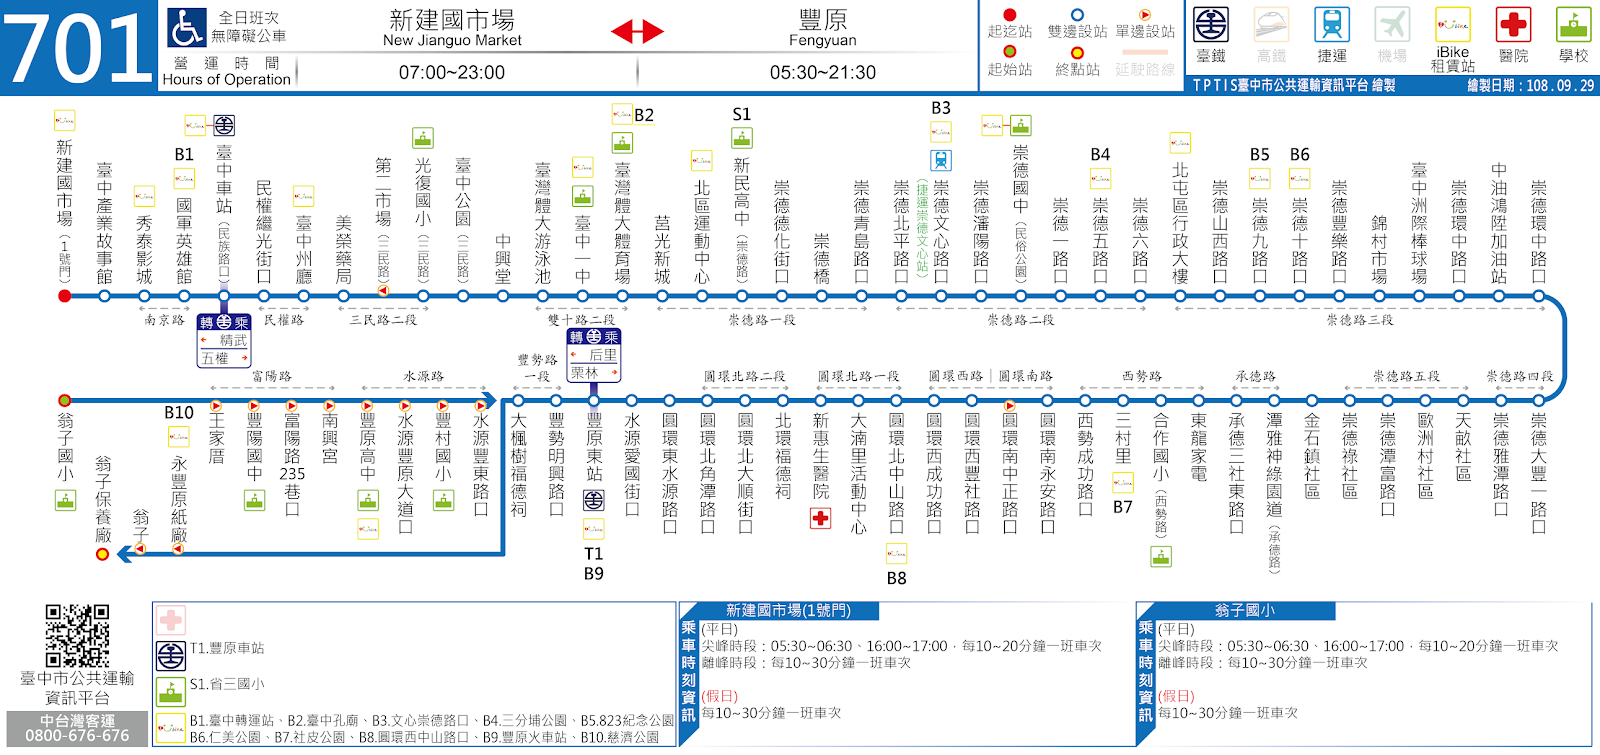 臺中市公共運輸資訊平臺: 701路 新建國市場-豐原東站